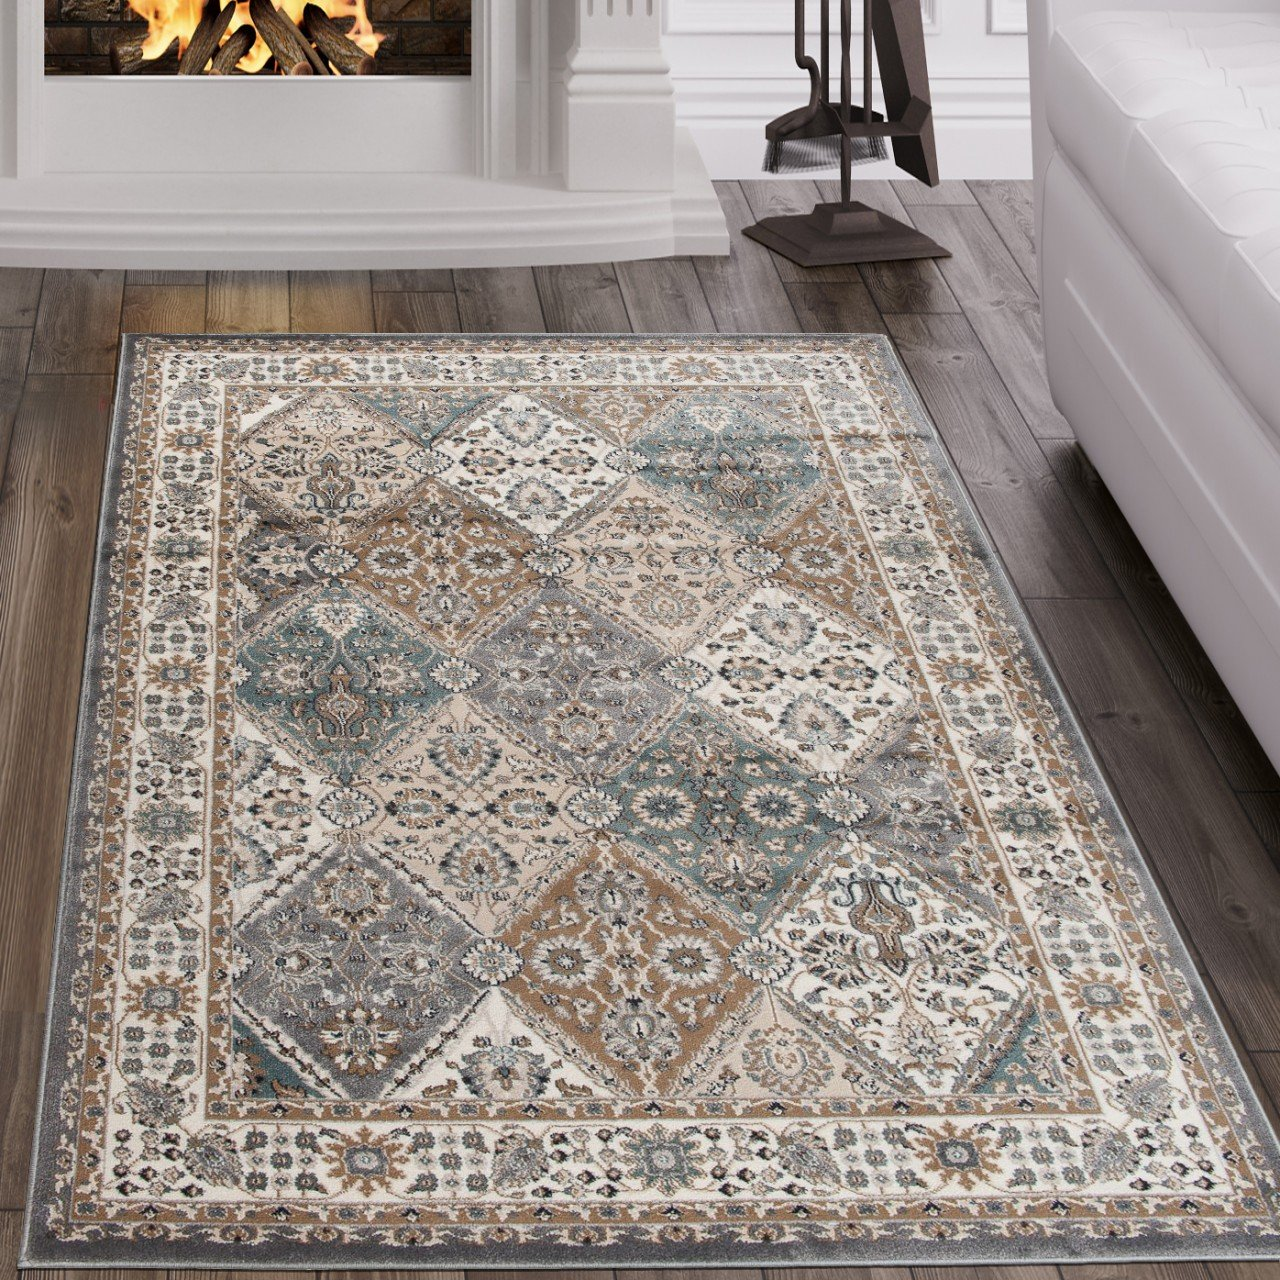 Tapiso Dubai Teppich Klassisch Gemustert Orientalisch Kurzflor in Beige mit Geometrisch Ornament Floral Mosaik Muster Ideal für Wohnzimmer ÖKOTEX 140 x 200 cm B07DJ9KYJ1 Teppiche